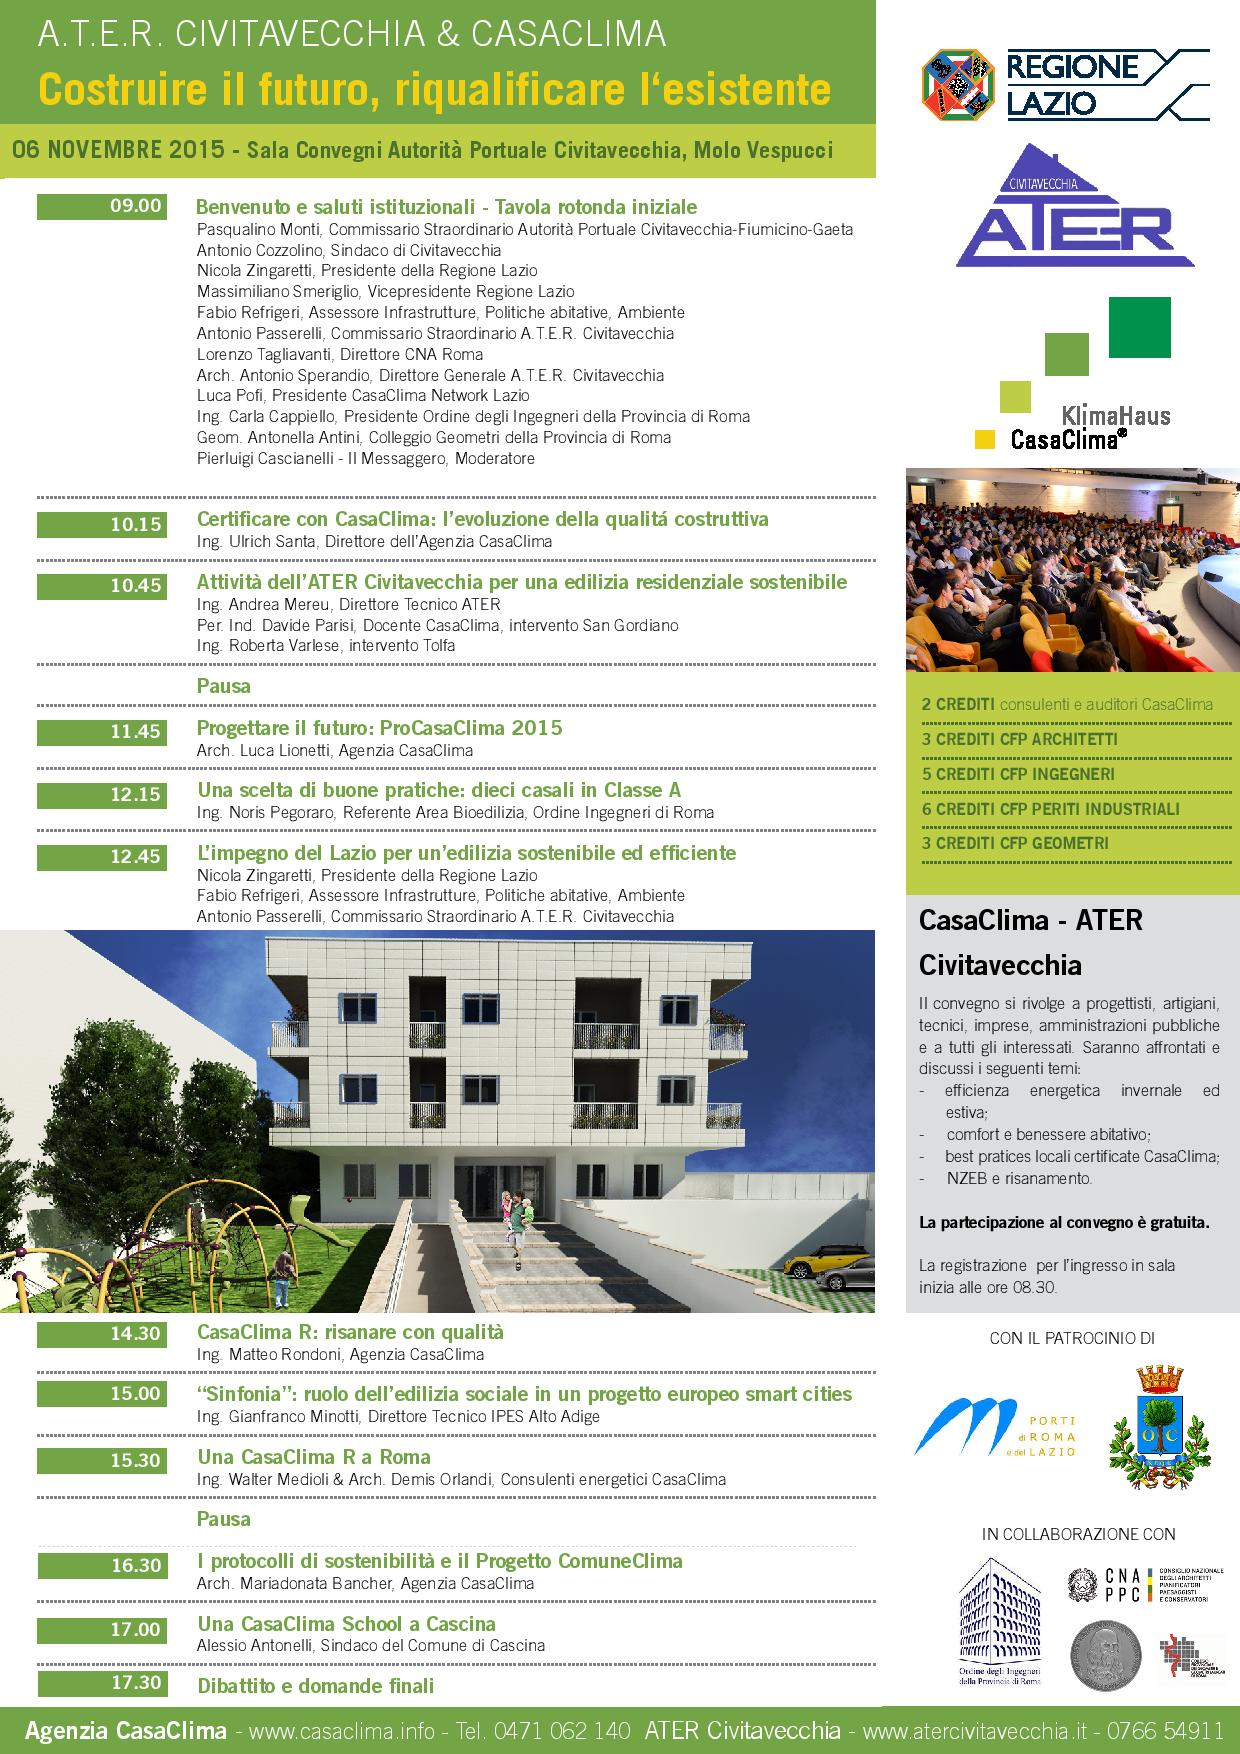 PROGRAMMA DEFINITIVO_2015_11_02_Civitavecchia-page-001